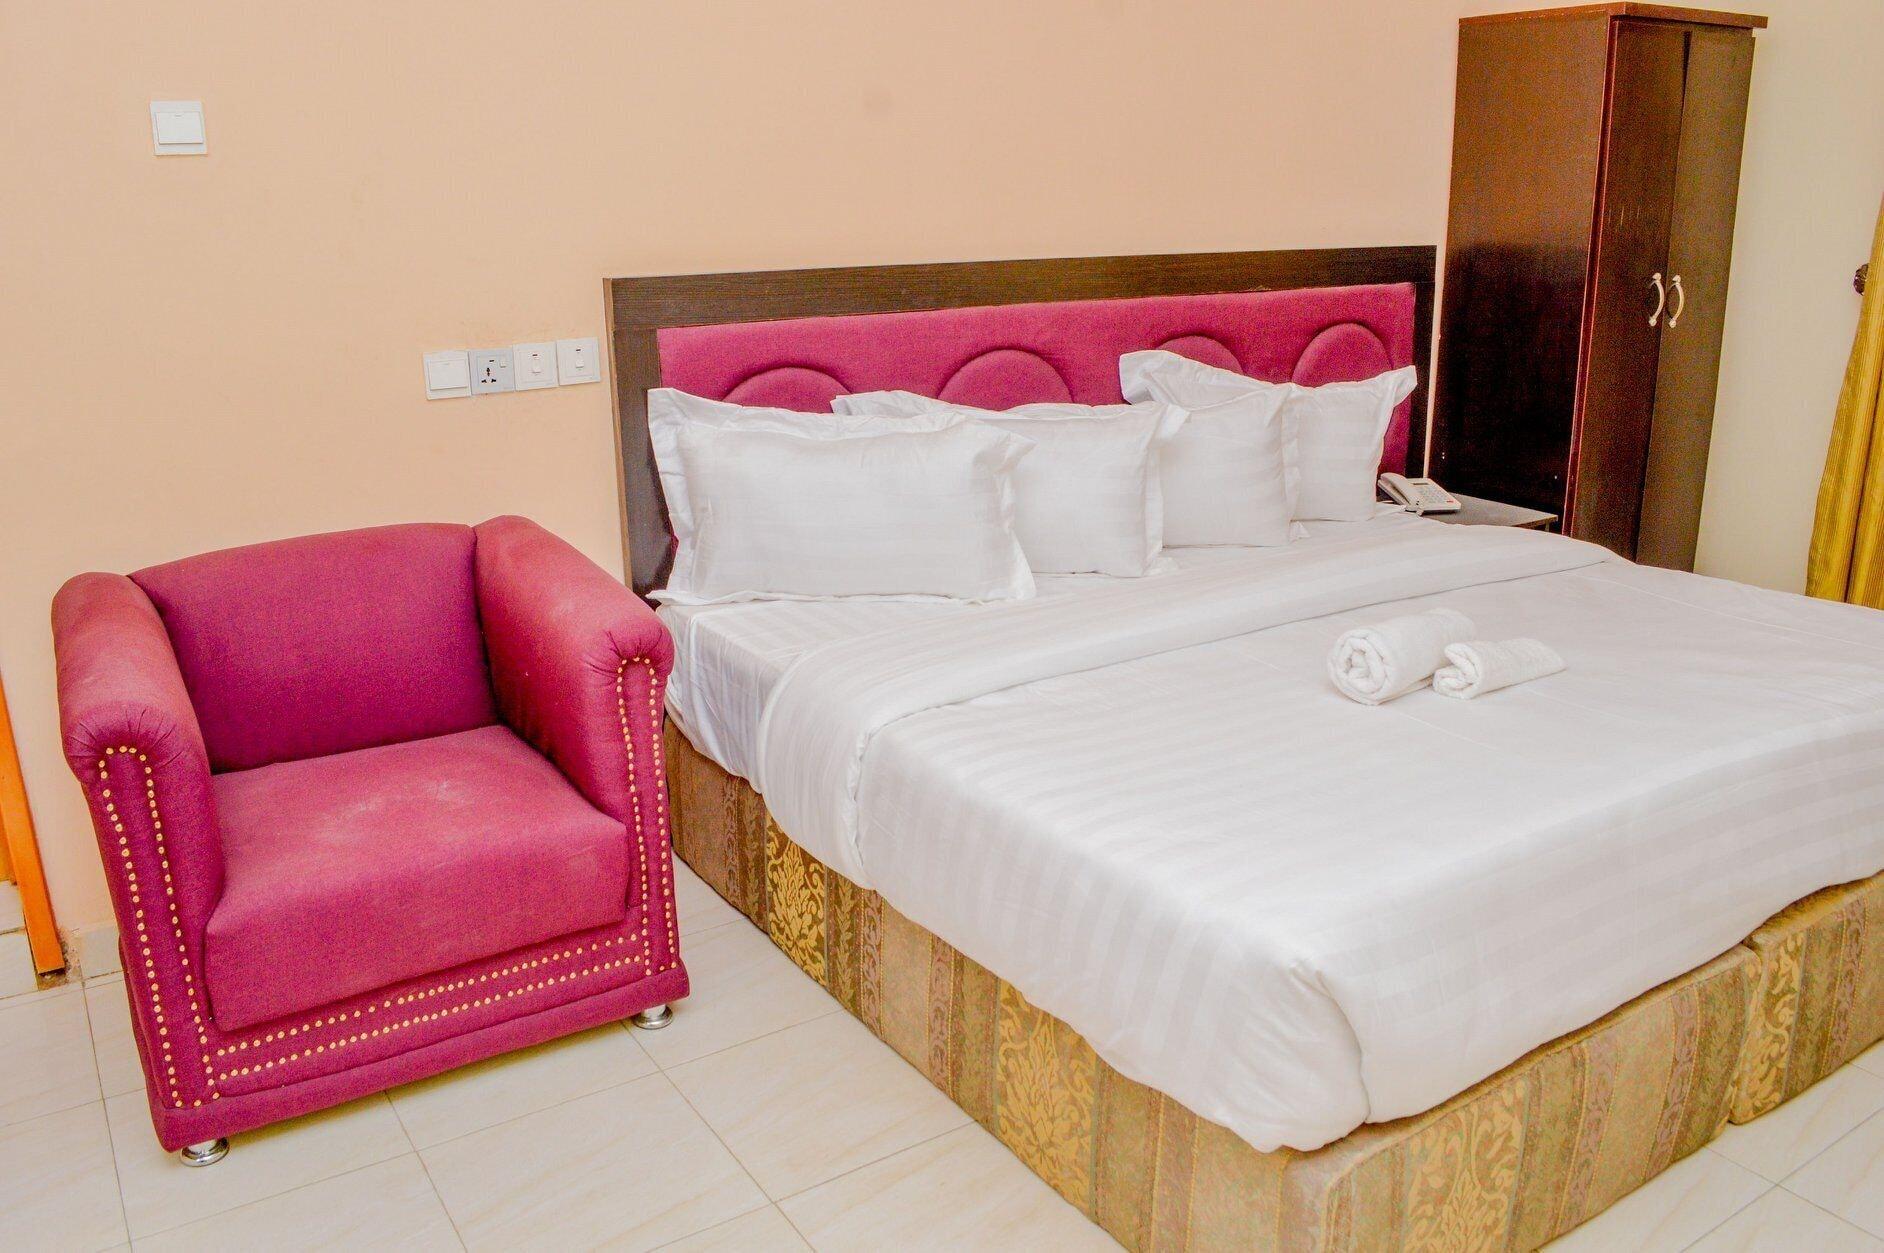 Kedros Precious Suites, Ilorin South